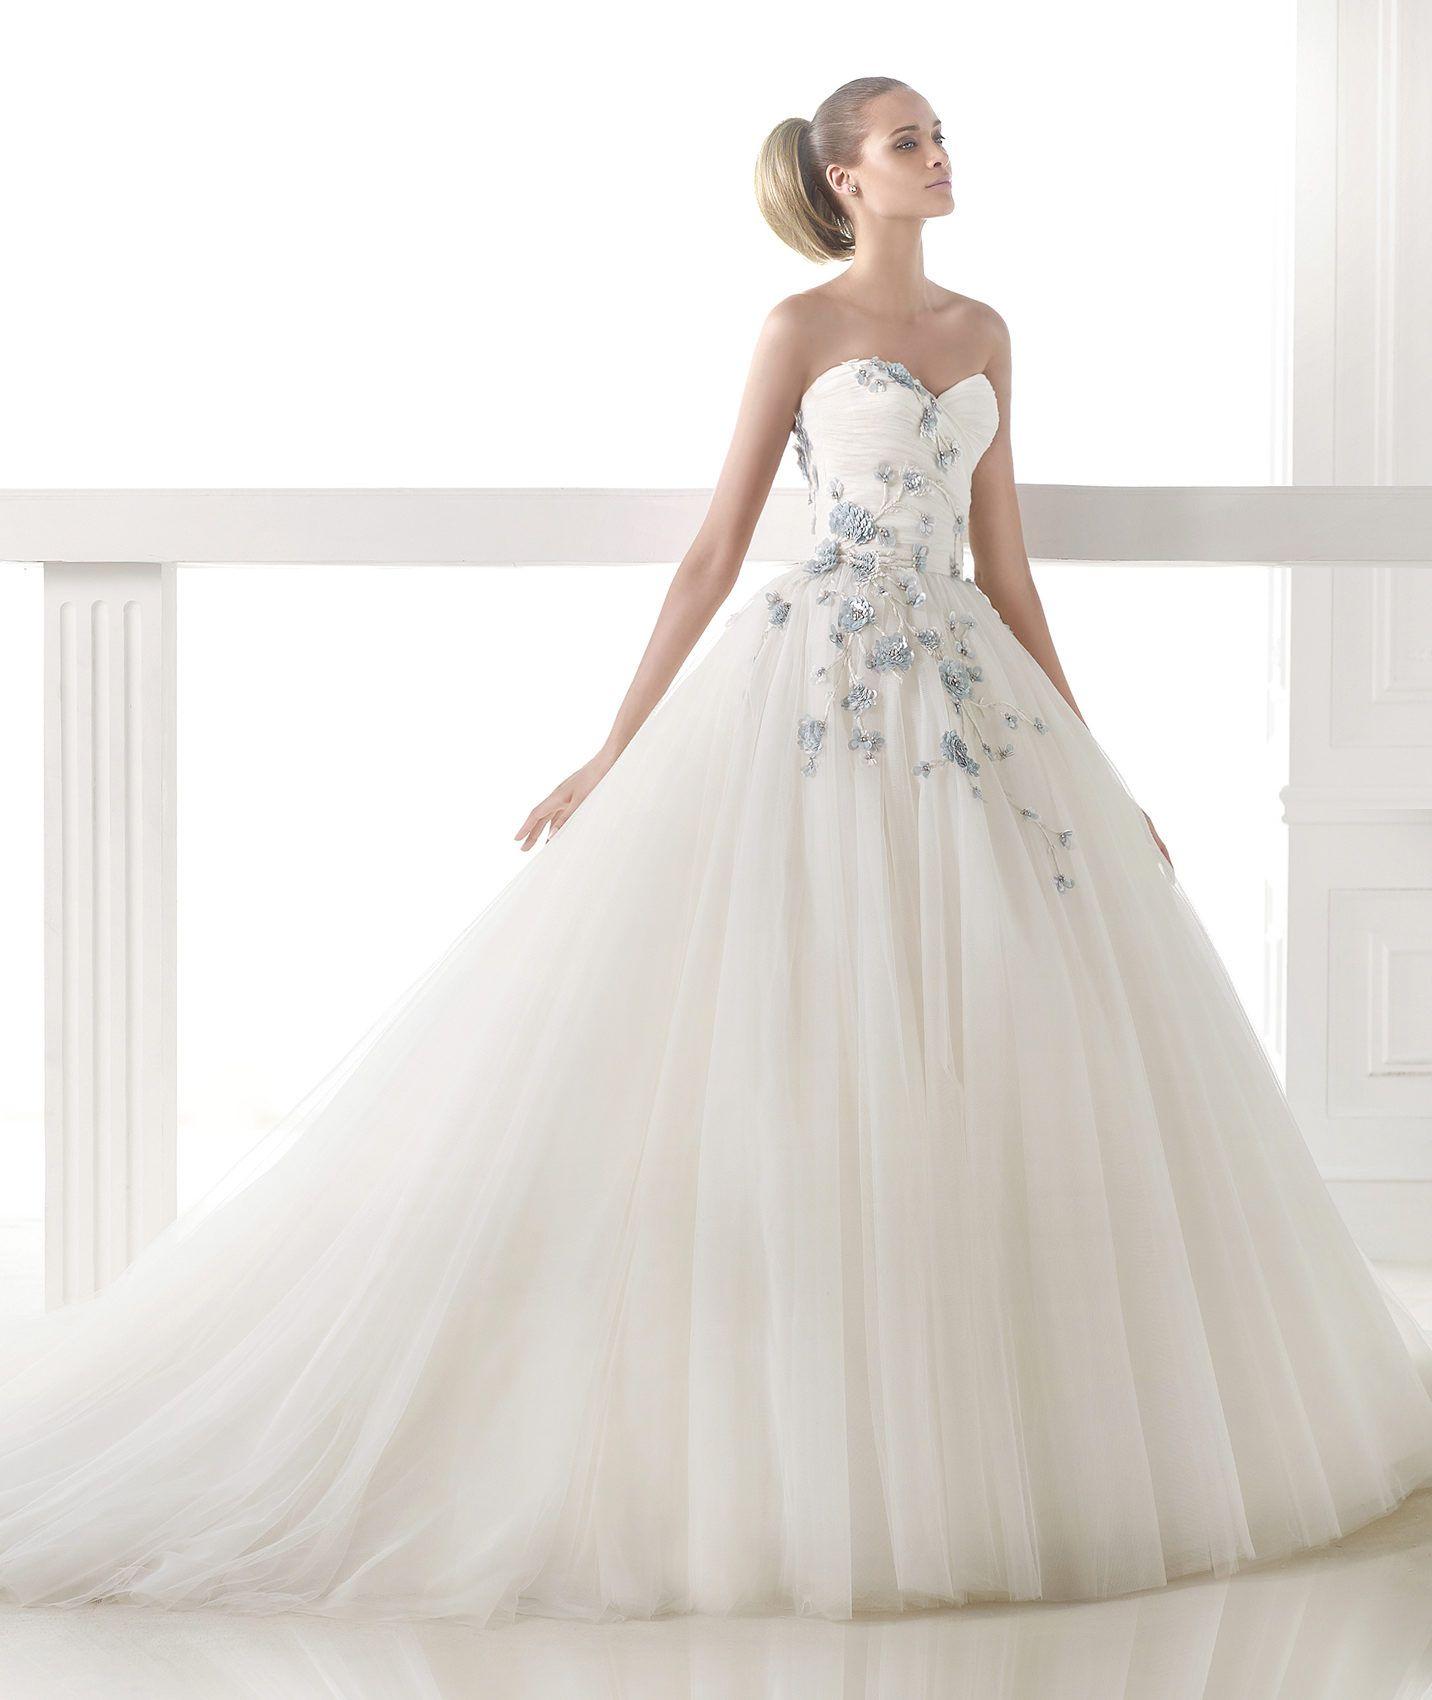 bf88effe91 CERELIA - Vestido de novia corte princesa. Pronovias 2015 ...